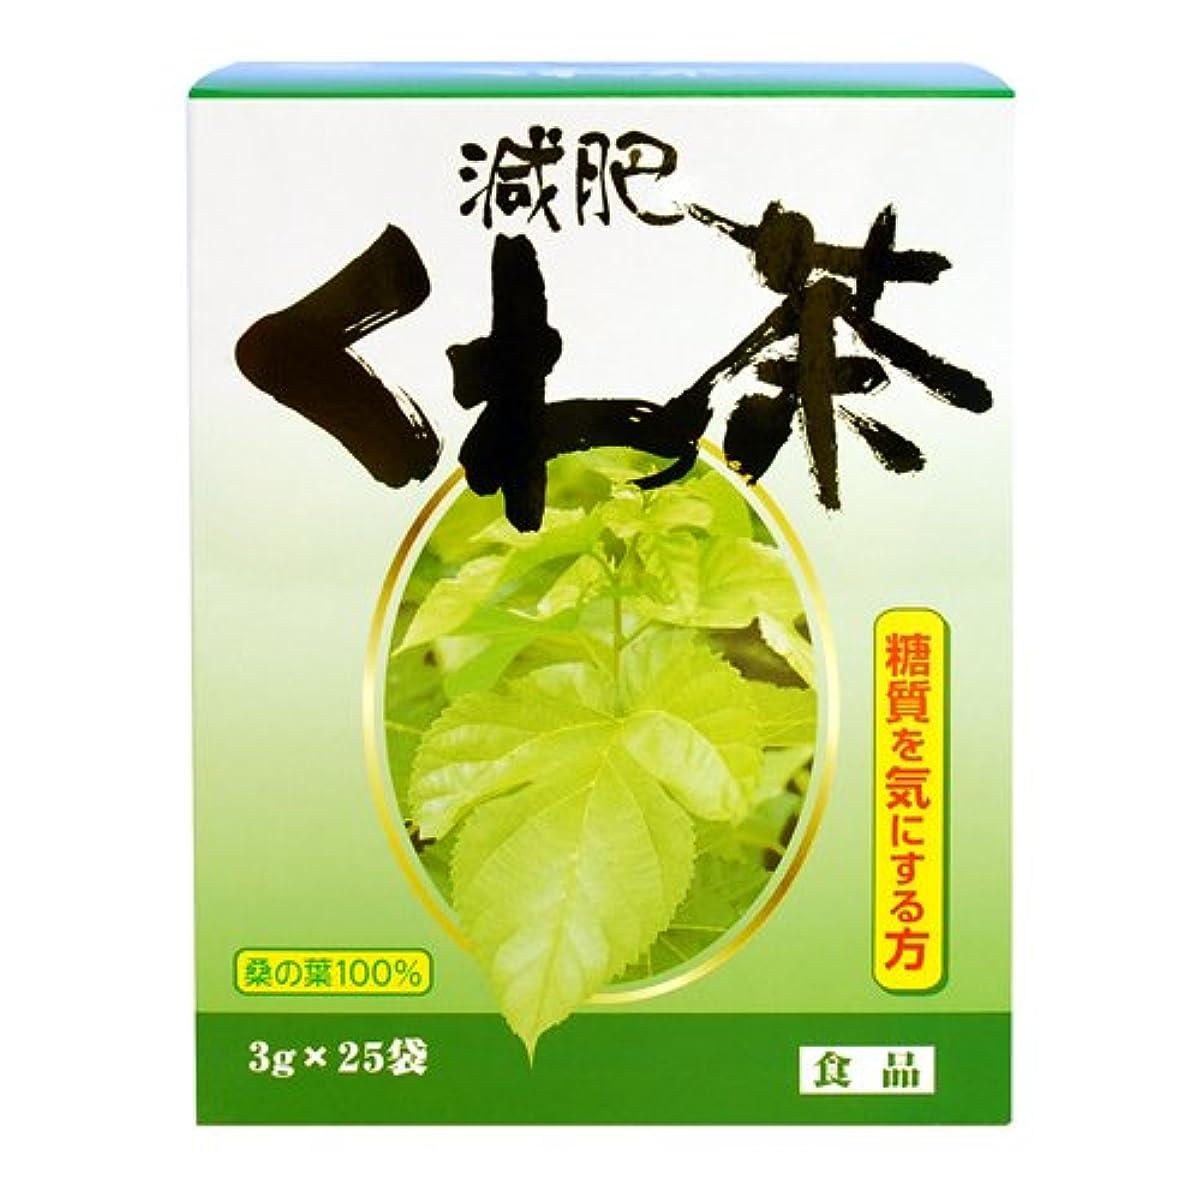 リケン 減肥くわ茶 3g×25包